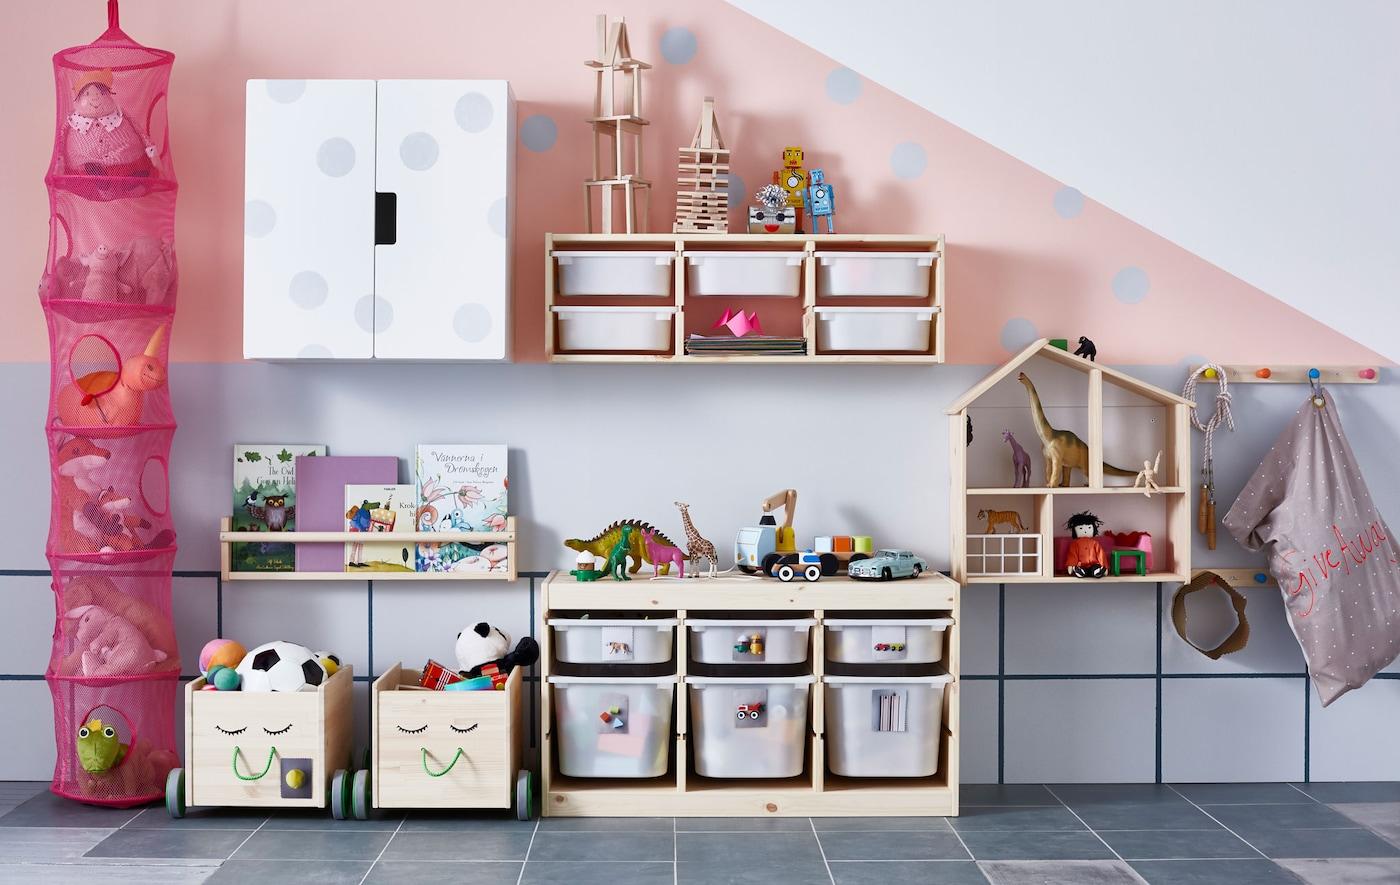 Jeux Rangement De La Maison l'art d'organiser: rangements pour jouets - ikea